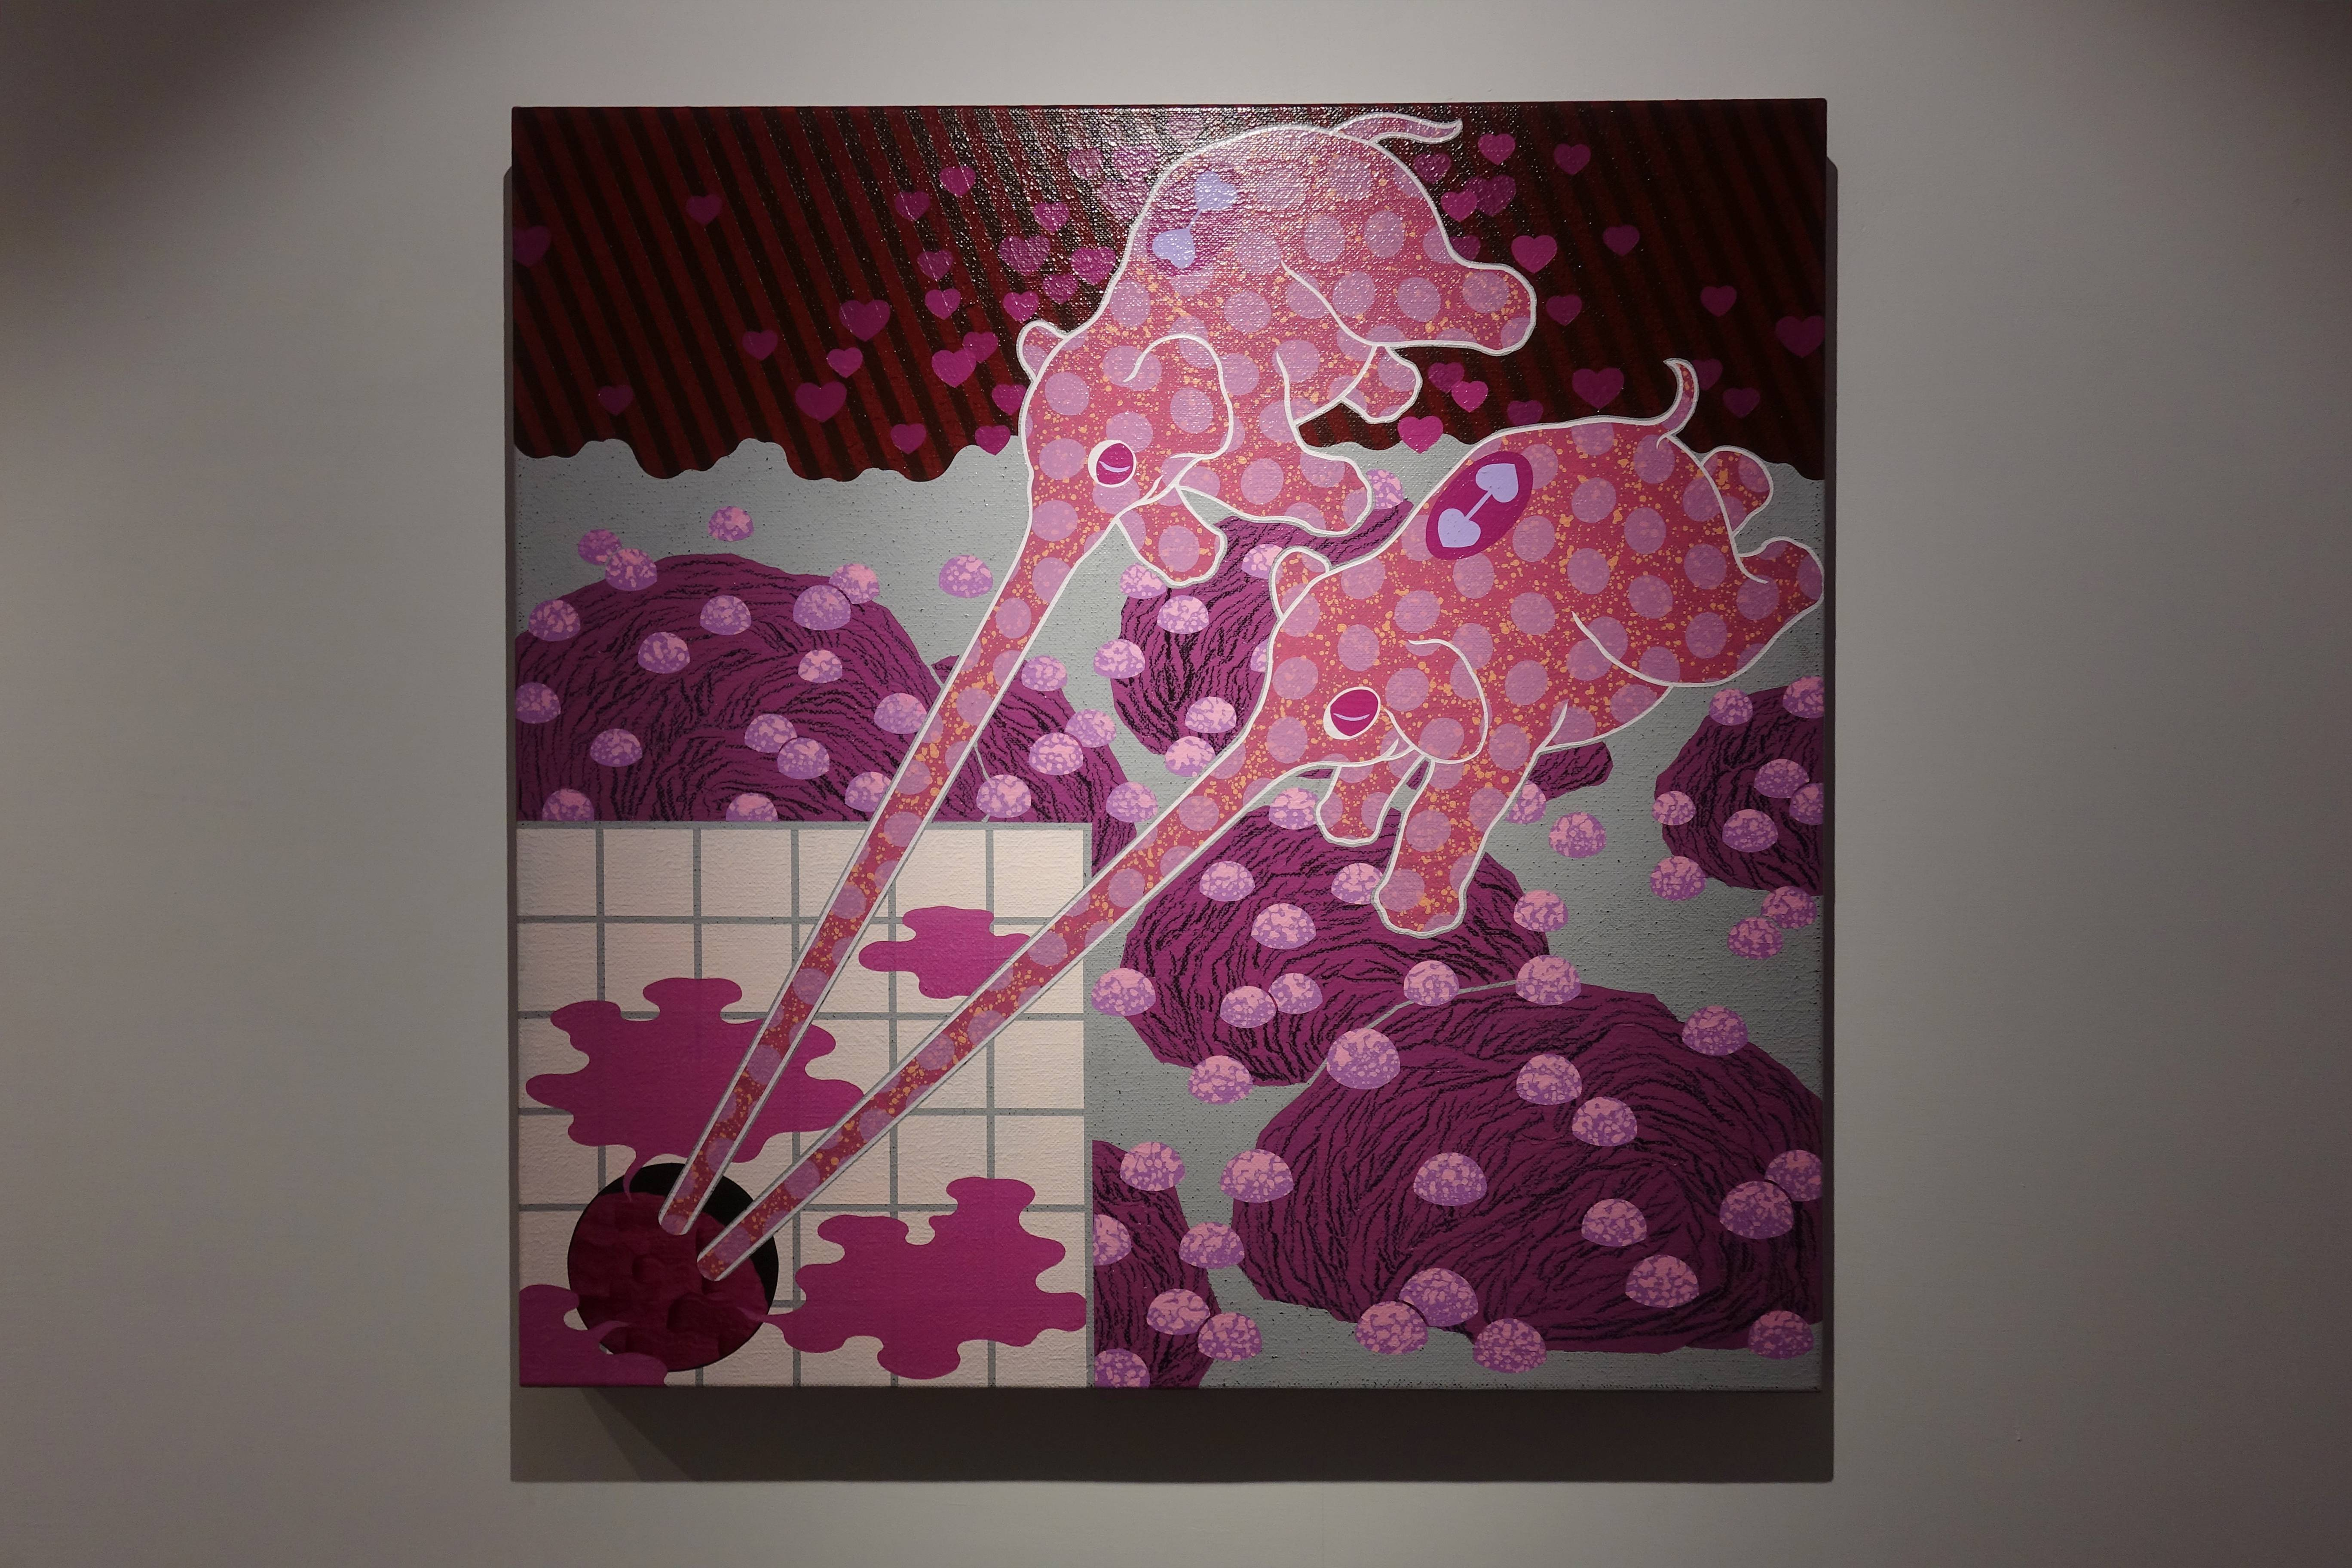 堉安,《惺惺相吸Freemasonry》,壓克力、畫布,80x80 cm,2018(右)。